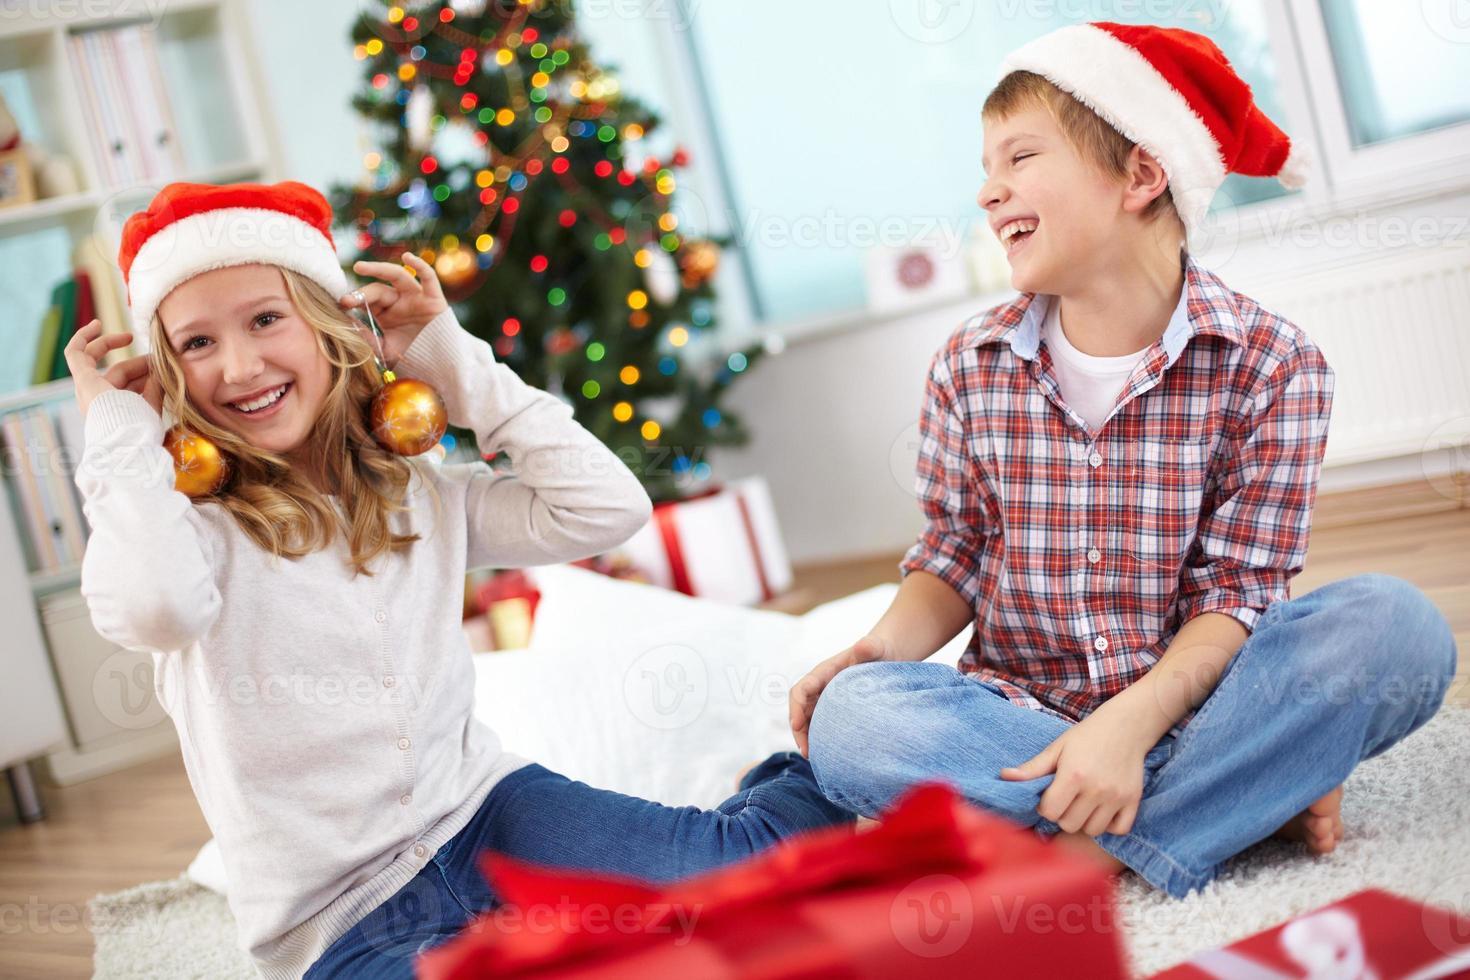 diversão de natal foto